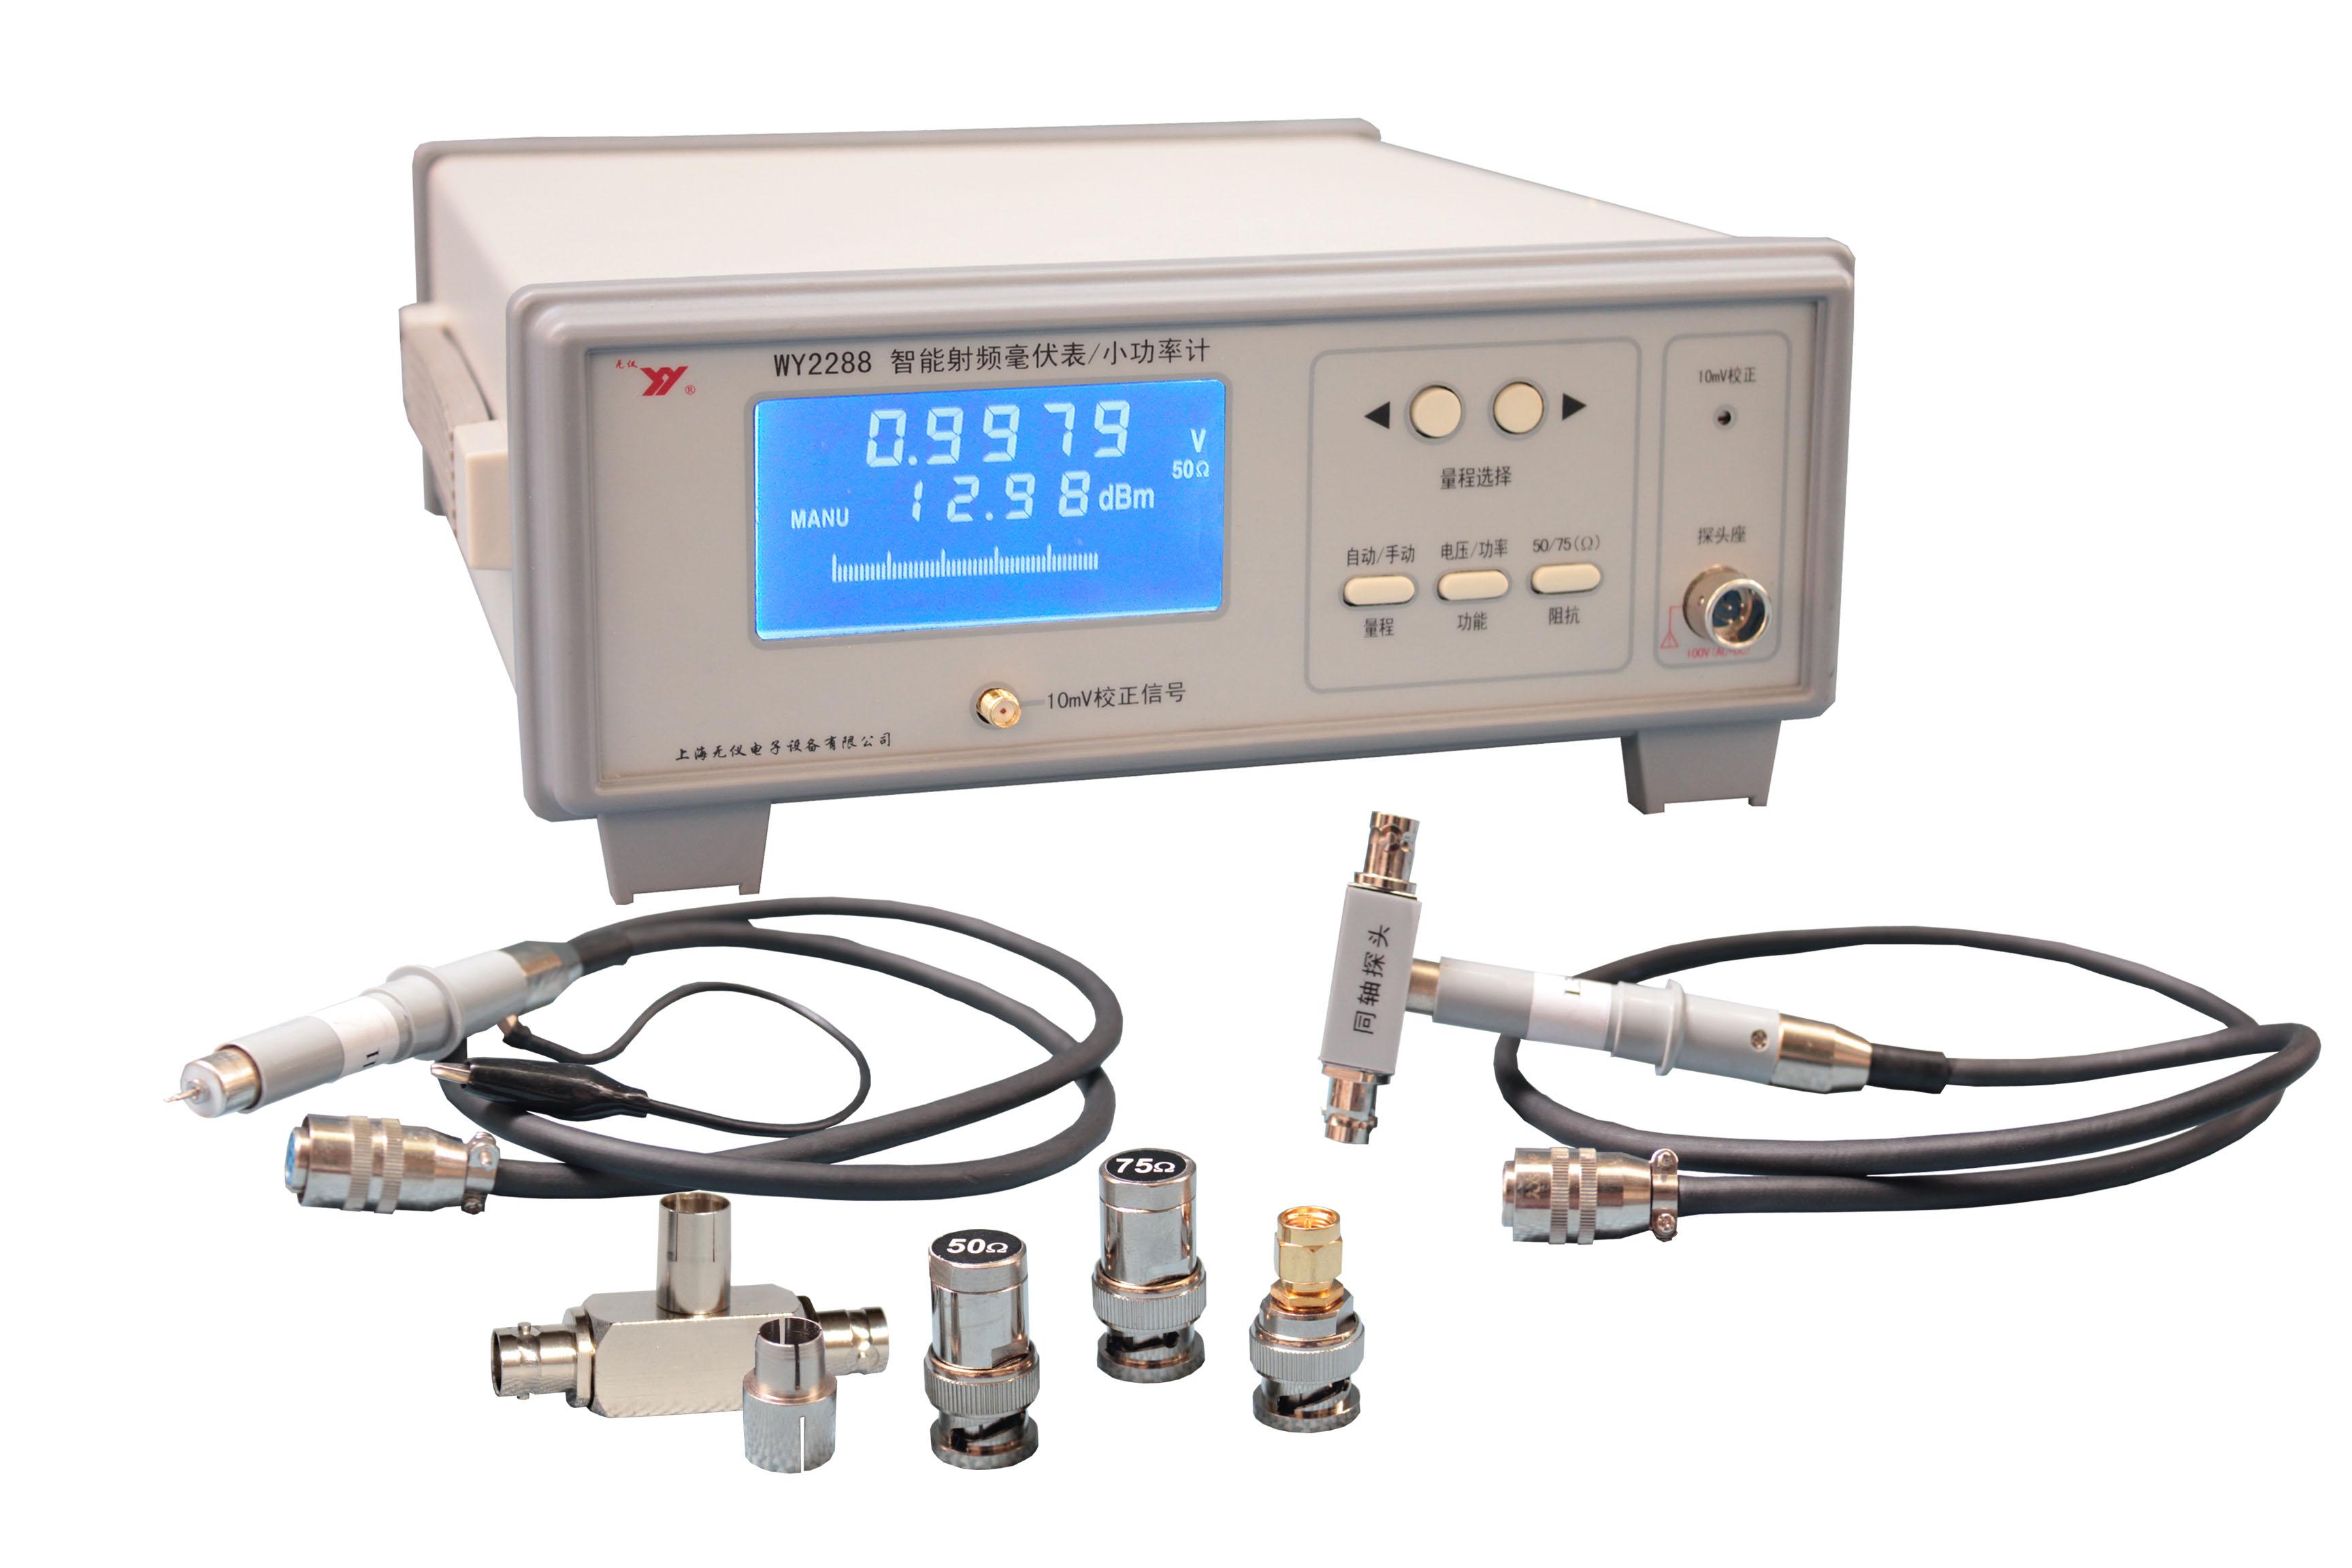 Digital Millivolt Meter : Wy digitally rf millivolt meter low power hz